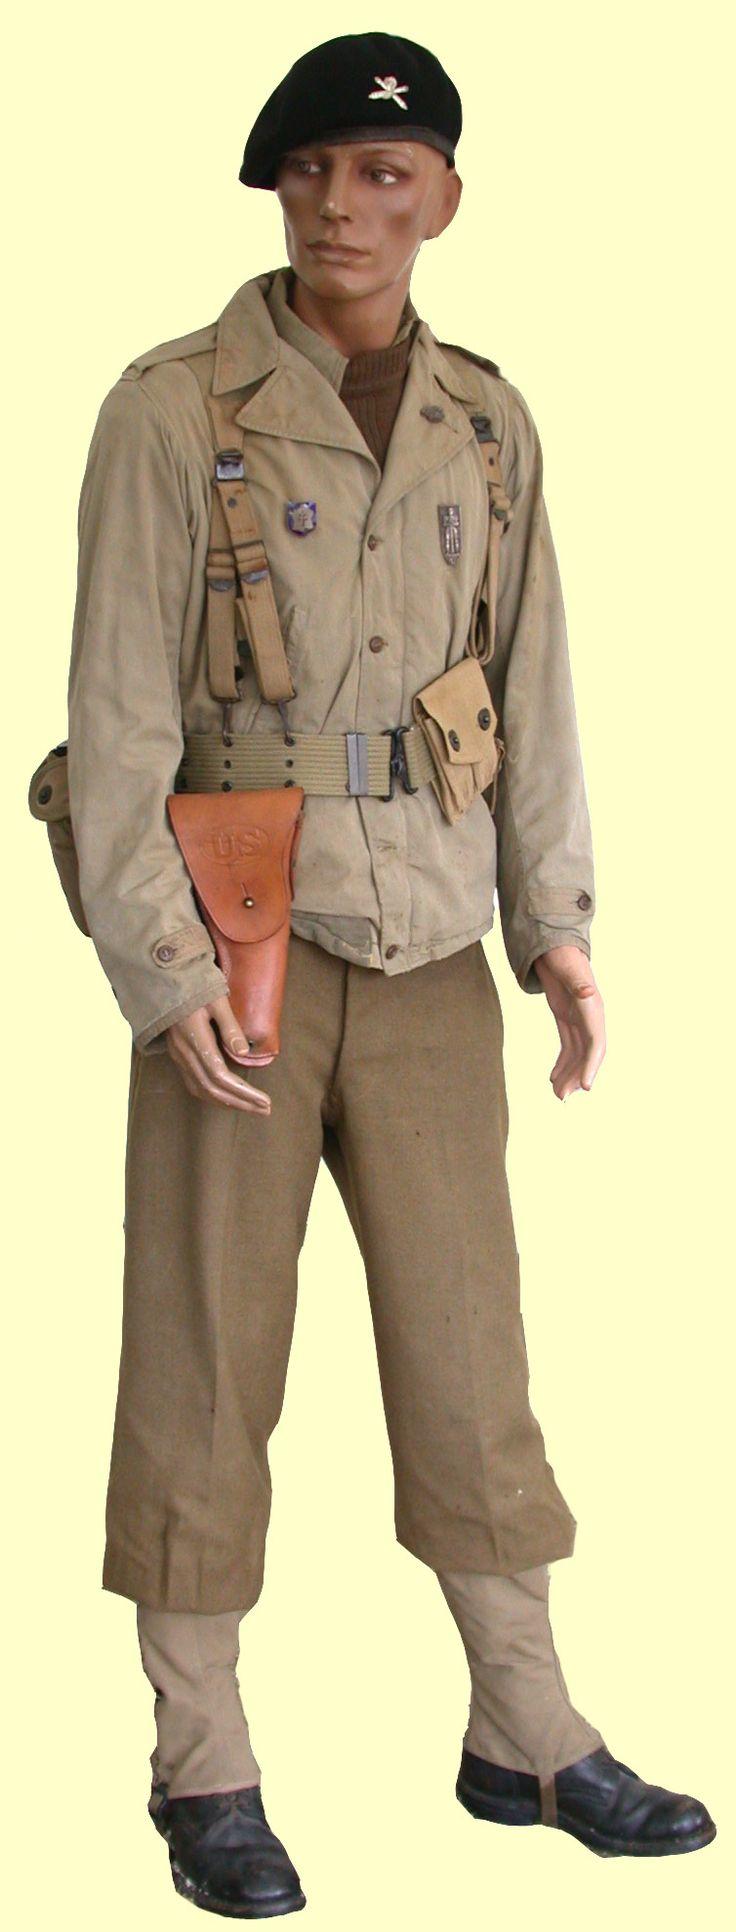 La 2e Division Blindée Historique de Leclerc, le 501e Régiment de Chars de Combat